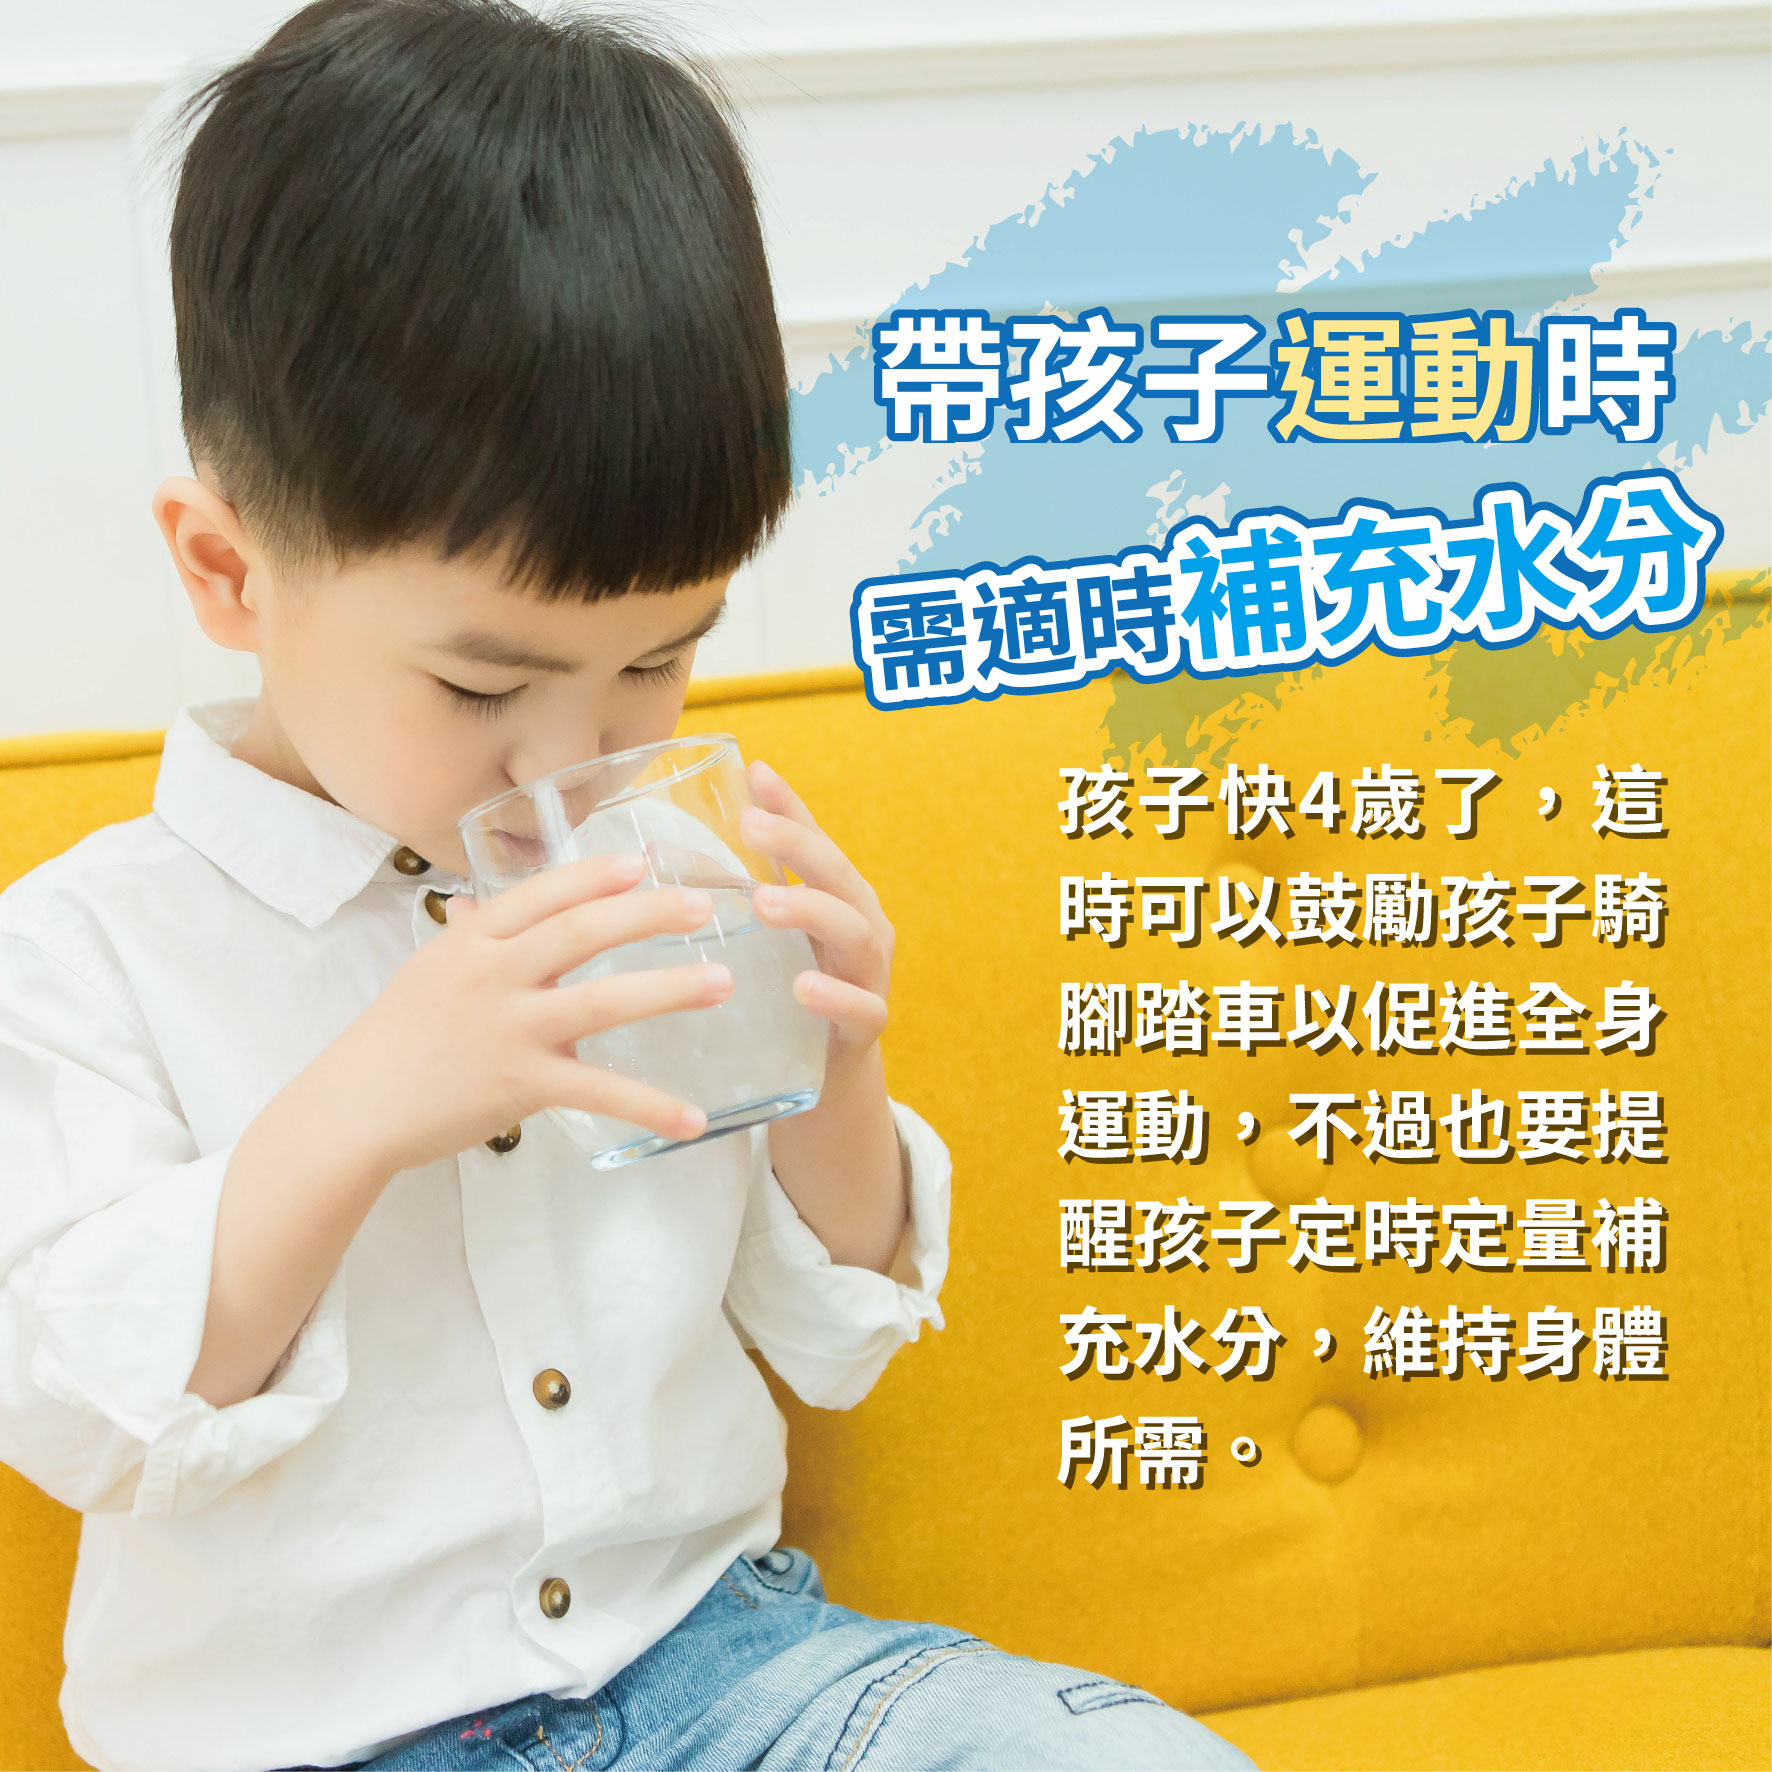 幼兒3歲 (第44週)帶孩子運動時須適時補充水分